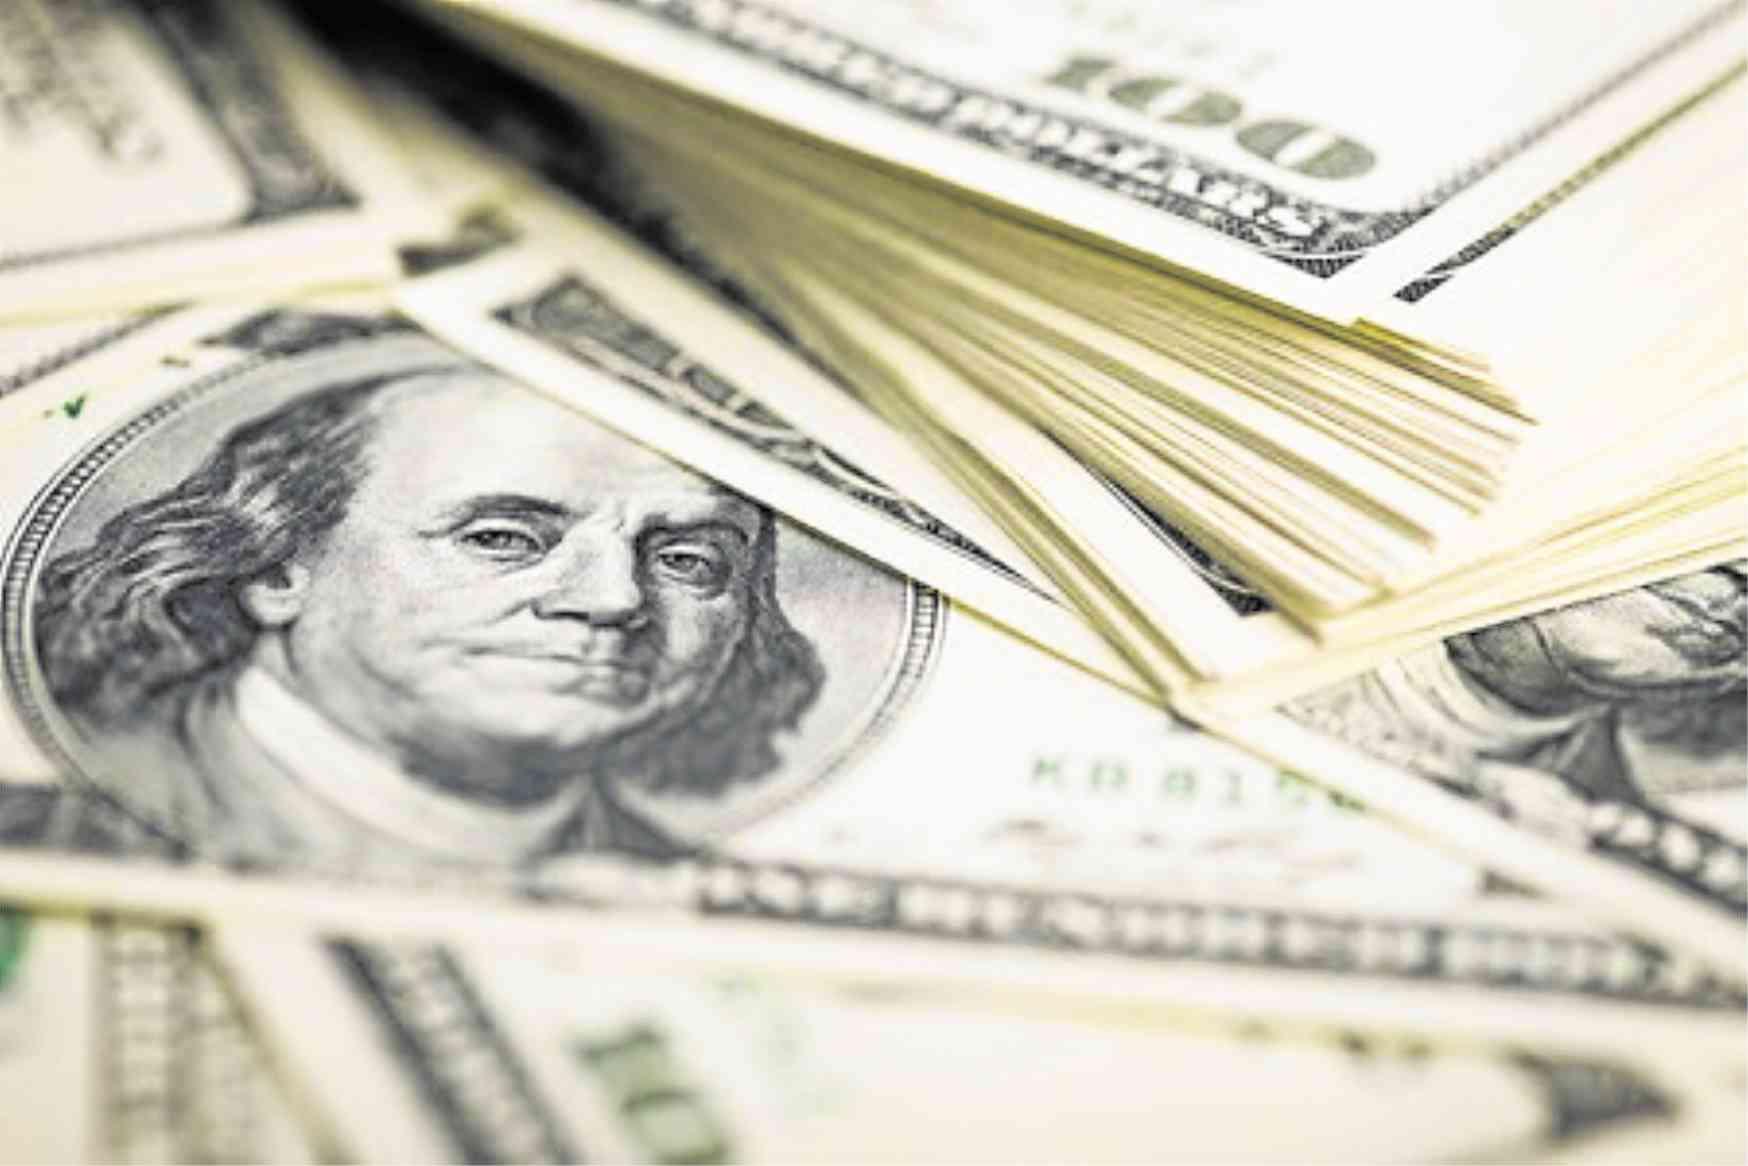 Philippines now in longest dollar inflow winning streak since 2013